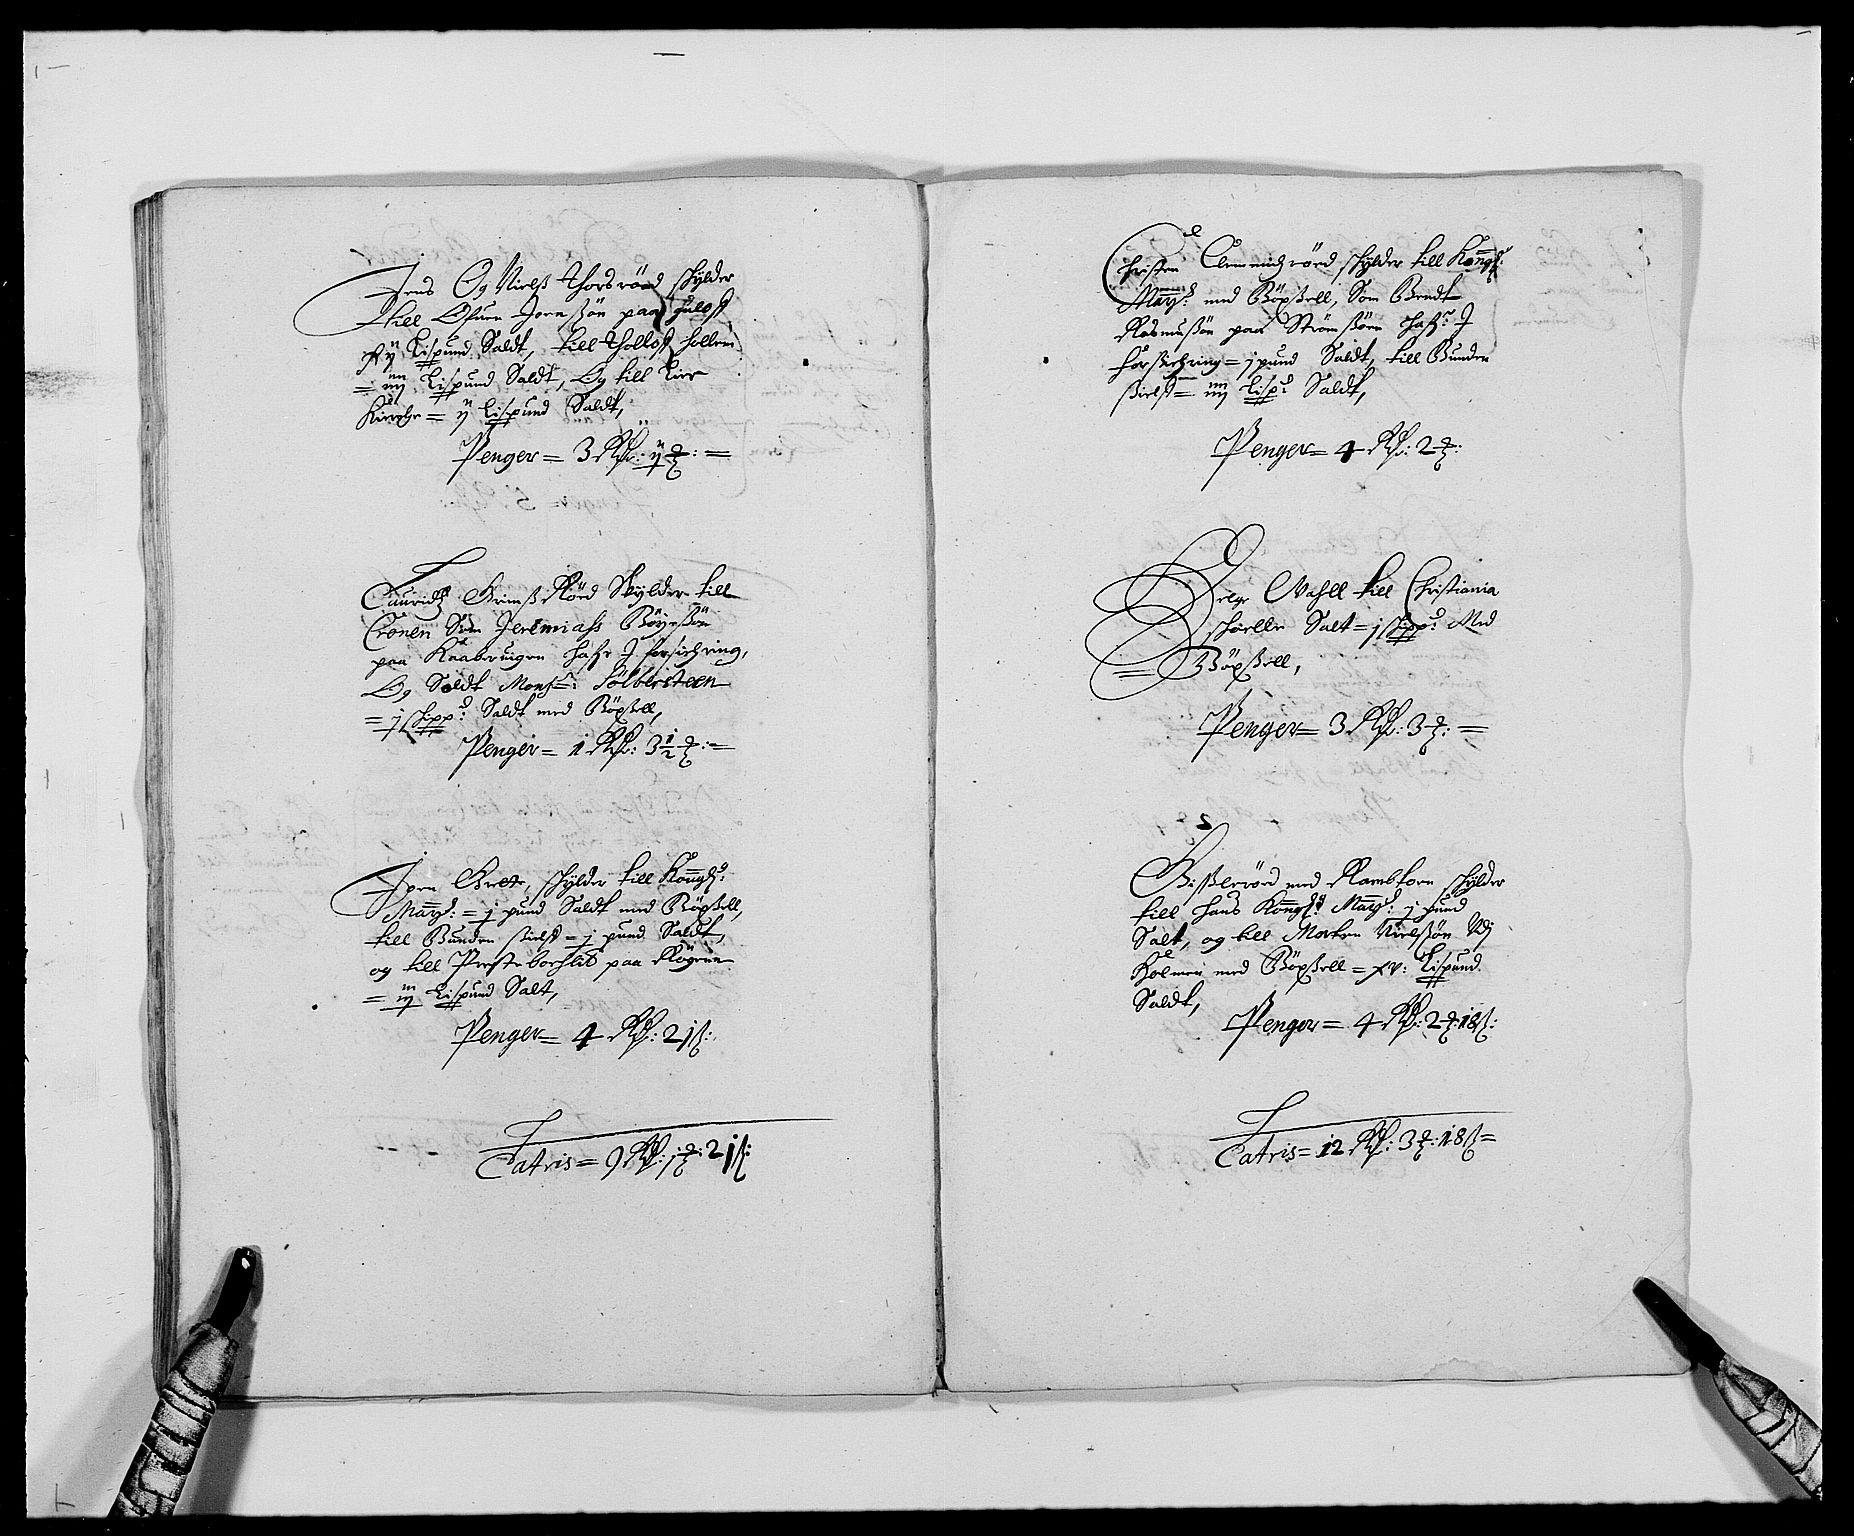 RA, Rentekammeret inntil 1814, Reviderte regnskaper, Fogderegnskap, R29/L1691: Fogderegnskap Hurum og Røyken, 1678-1681, s. 374